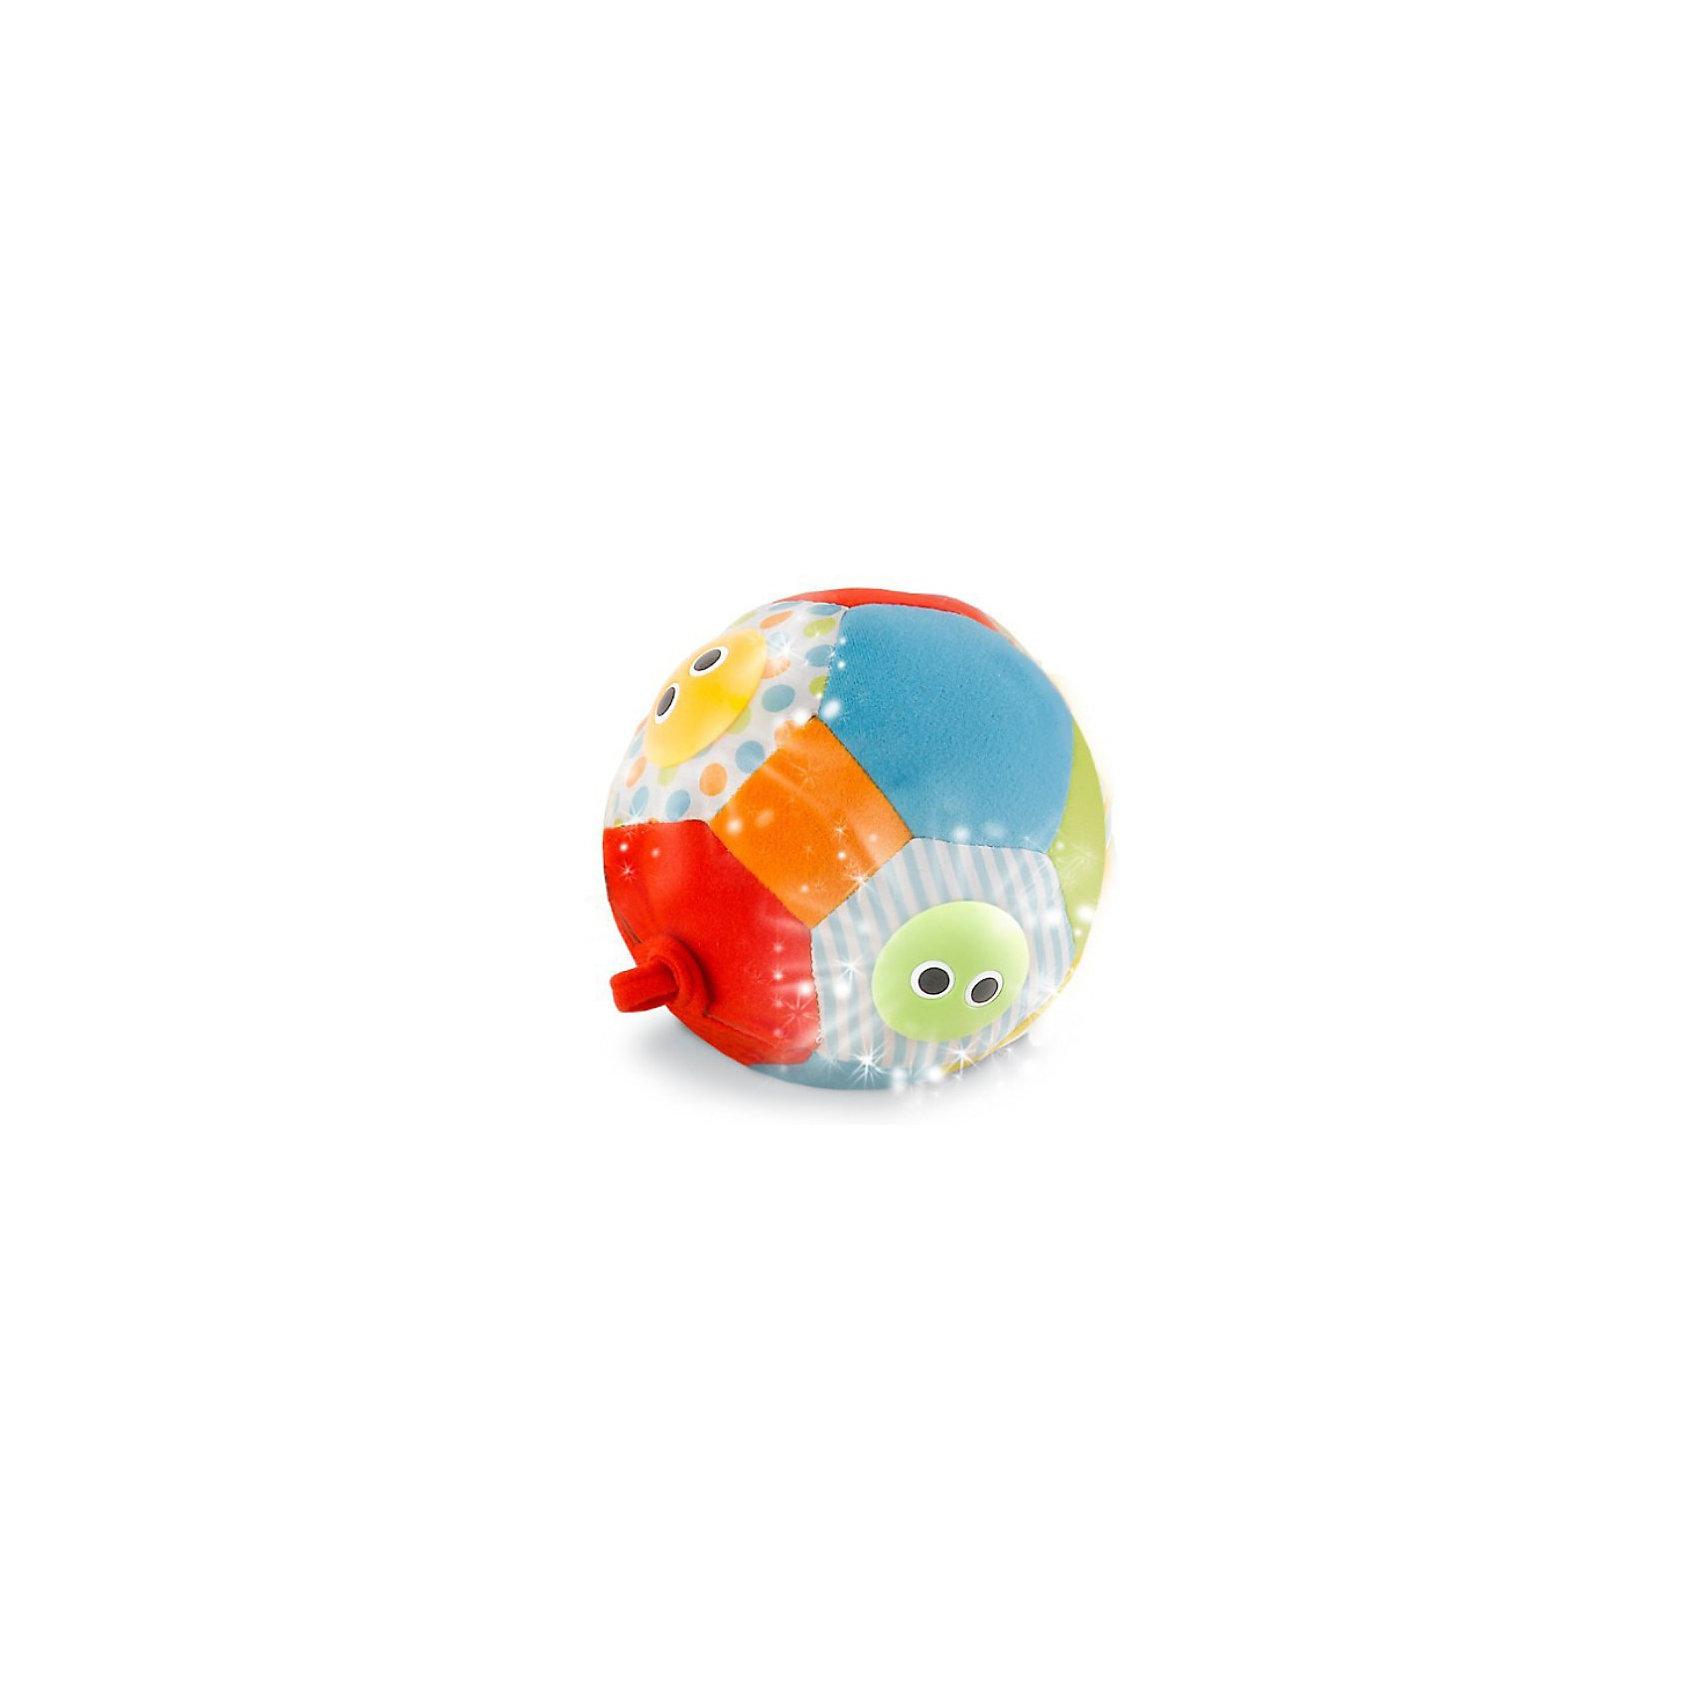 Yookidoo Музыкальный мячРазвивающие игрушки<br>Yookidoo Музыкальный мяч- мягкий мяч с цветными пластиковыми личиками с большими глазками. При катании или подбрасывании раздаются забавные звуки, играет музыка, а под личиками мигают огоньки. Мяч привлекает внимание, побуждает ребенка двигаться, развивает слуховые и зрительные навыки.<br><br>Мяч выполнен из лоскутов ткани различной фактуры, однотонных и с узорами. При катании или подбрасывании малыш услышит по очереди 3 различные мелодии. Звуковые эффекты сопровождаются миганием огоньков в пластиковых личиках. (Есть Включатель/ Выключатель бесшумного режима).<br><br>Дополнительная информация:<br><br>- Материал: синтетическая ткань - полиэстер, фибер, пластмасса.<br>- Размер игрушки: диаметр 13 см.<br>- Размер упаковки: 22х10х20 см.<br>- Вес: 0,3 кг.<br>- Возраст: 3 + мес.<br><br>Игрушка способствует развитию мелкой моторики пальчиков рук и тактильных ощущений у малыша, активизирует двигательную активность.<br>Yookidoo- это уникальные игрушки для малышей, тщательно разработанные, чтобы стимулировать развитие ребенка и удерживать его внимание на время игры. Этот замечательный мяч обязательно порадует вашего малыша!<br><br>Ширина мм: 220<br>Глубина мм: 210<br>Высота мм: 100<br>Вес г: 300<br>Возраст от месяцев: 1<br>Возраст до месяцев: 24<br>Пол: Унисекс<br>Возраст: Детский<br>SKU: 2442799